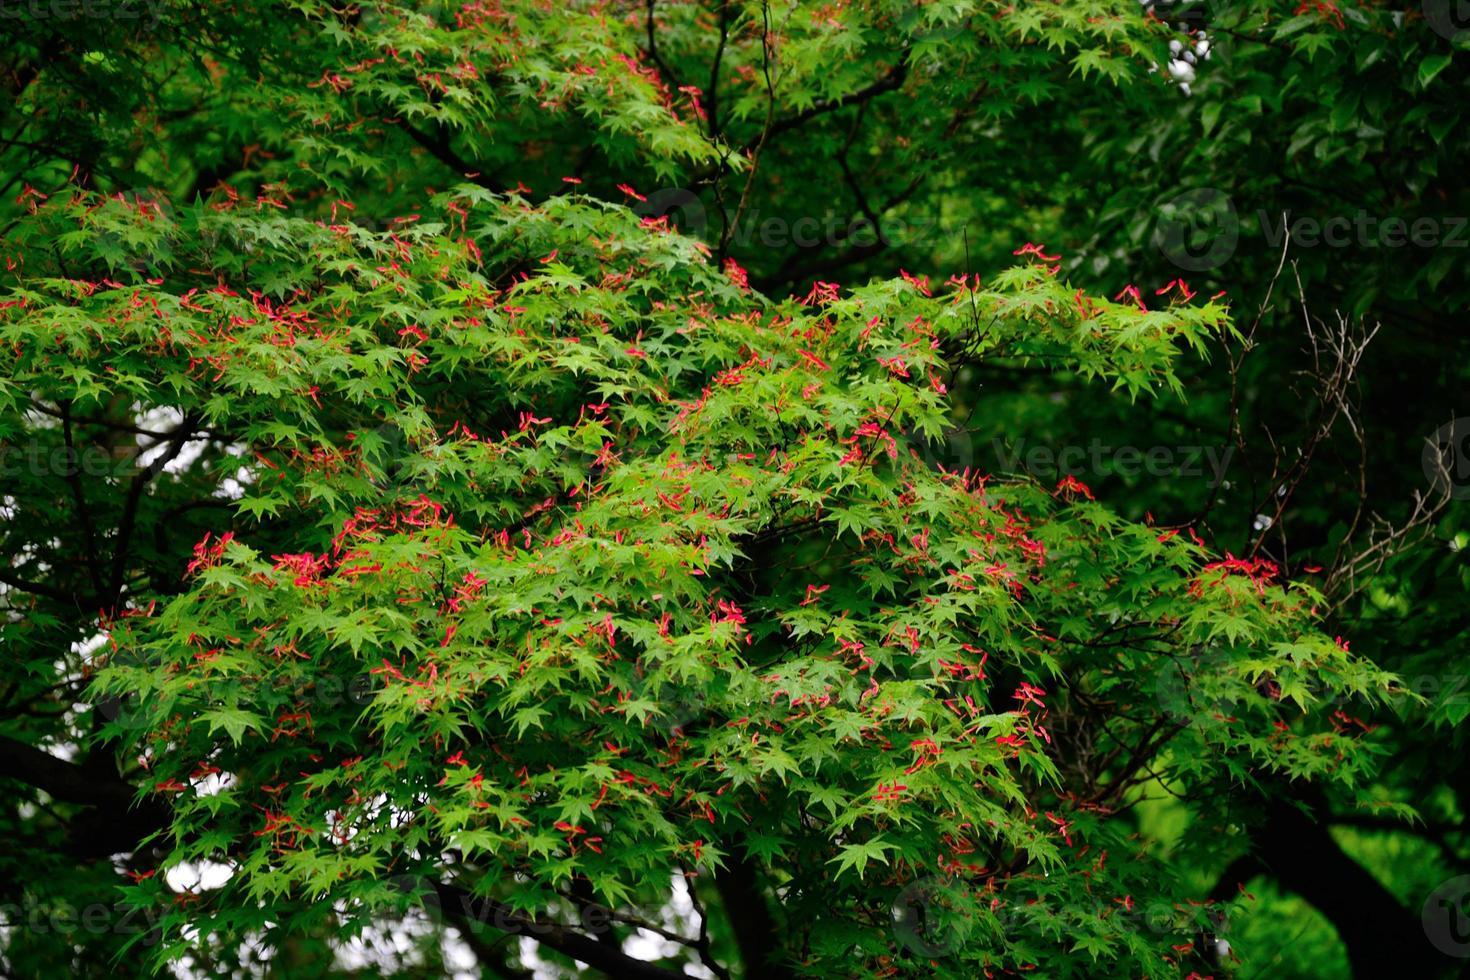 rode vleugels fladderen op de boom foto